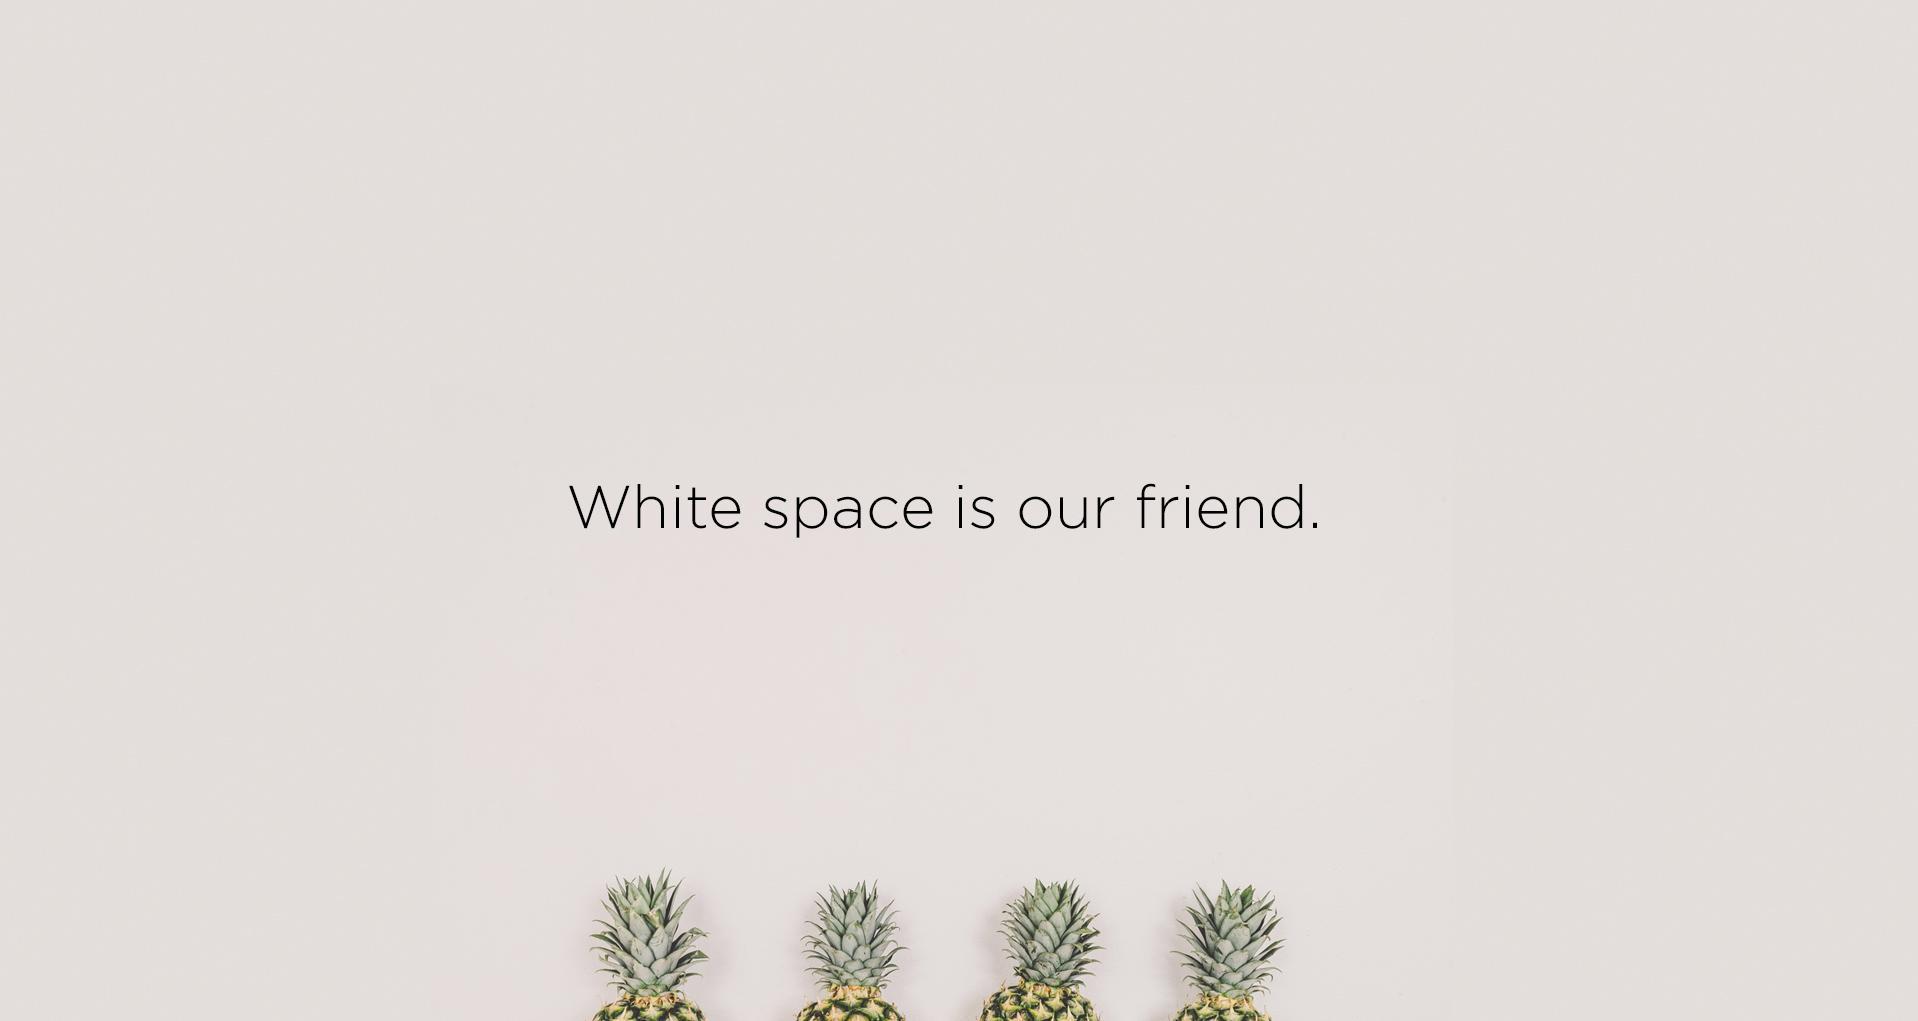 El espacio blanco es nuestro amigo